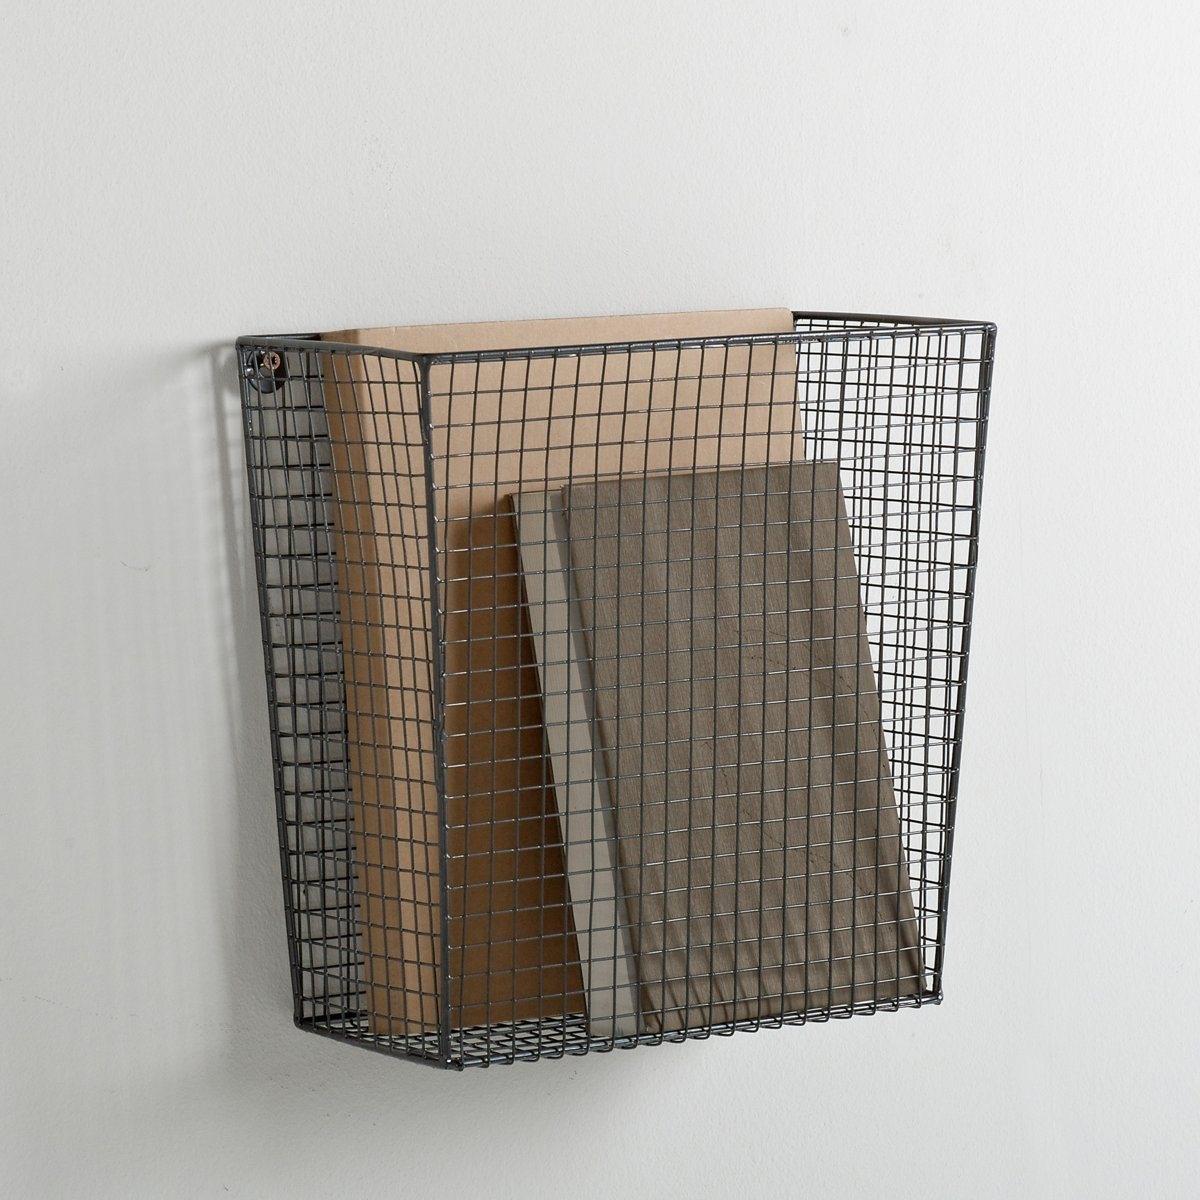 2 металлические корзины для хранения.Особые крепления повзоляют прикрутить корзины к стене для максимальной экономии свободного пространства.Размер первой корзины: 25,4 x 12,7 x 25,4 см.Размер второй корзины: 30,5 x 15,5 x 30,5 см.<br><br>Цвет: серый